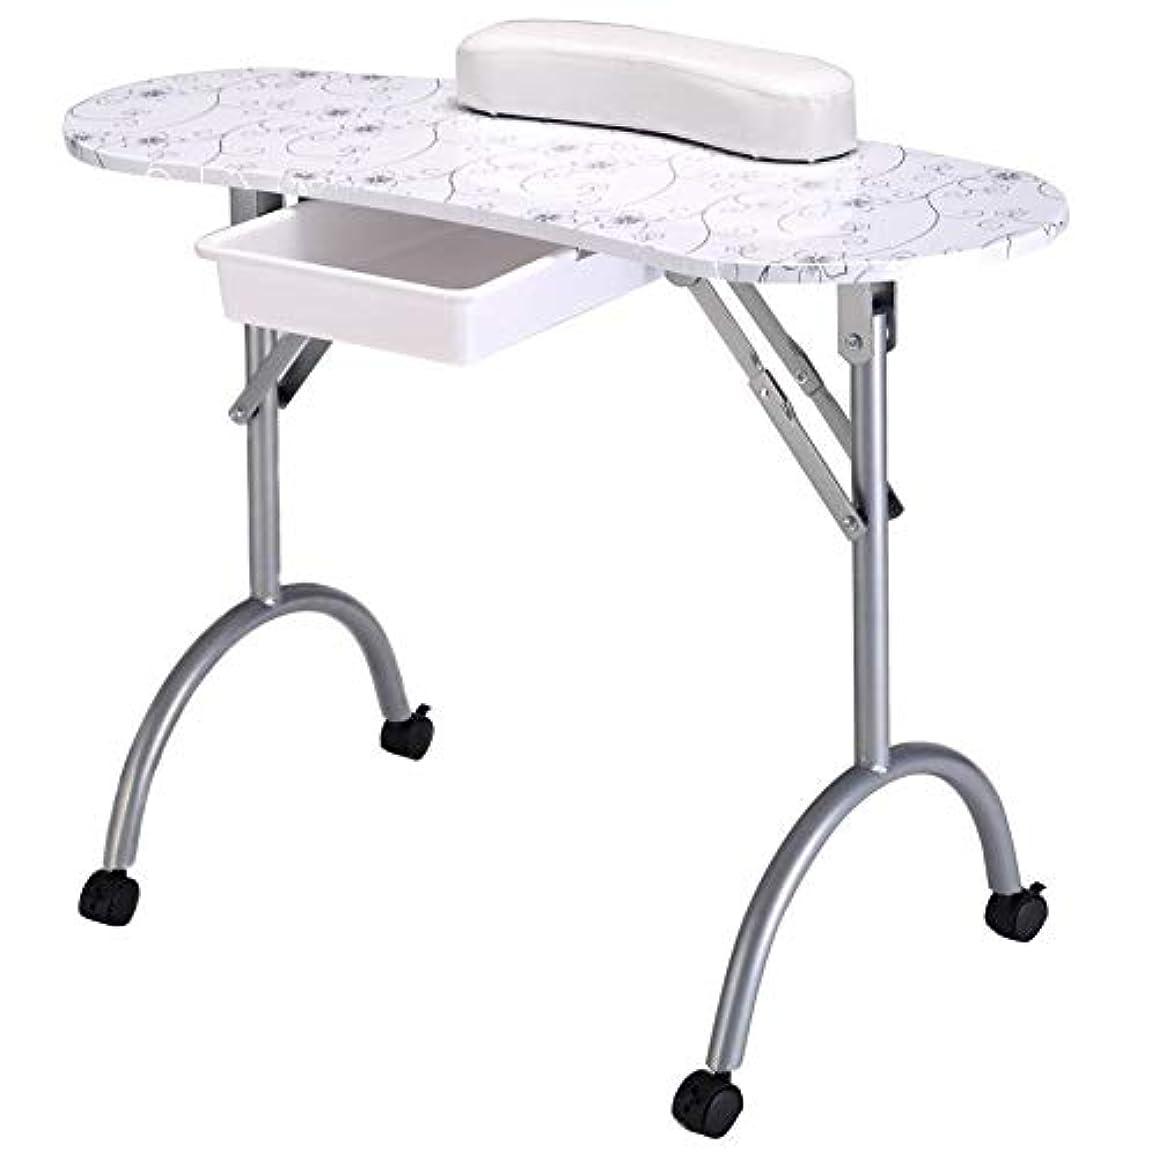 検出器フレアメッセージマニキュアテーブルプロフェッショナルネイルテーブル折りたたみポータブル機器用ツールネイルサロンwithbagネイルアートビューティーサロン家具